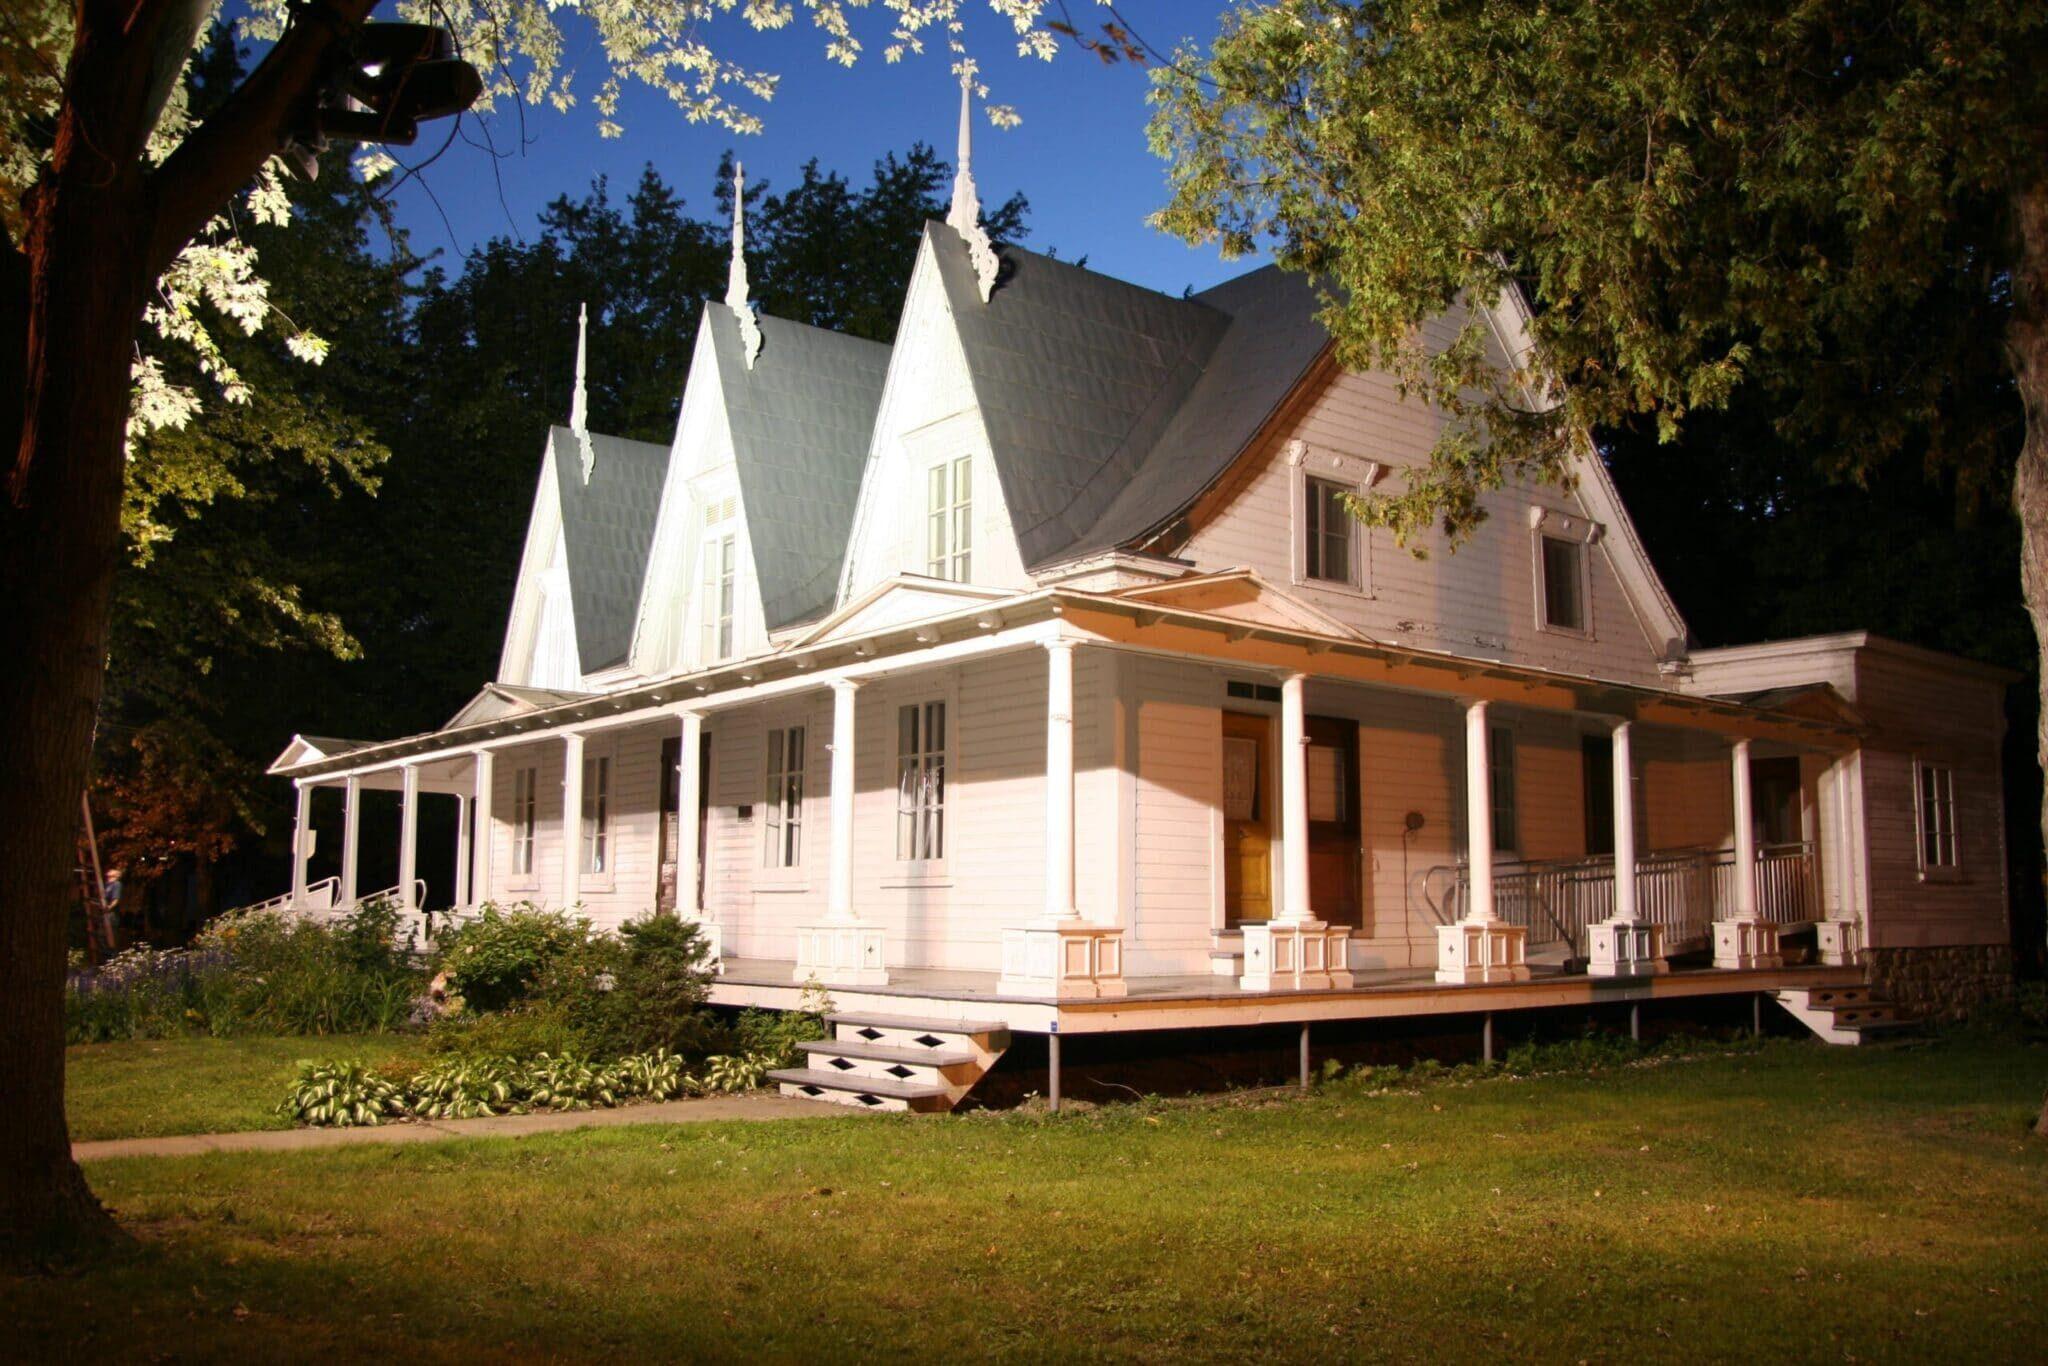 Maison Lenoblet du Plessis scaled - Navettes fluviales Marc Saulnier Lavaltrie